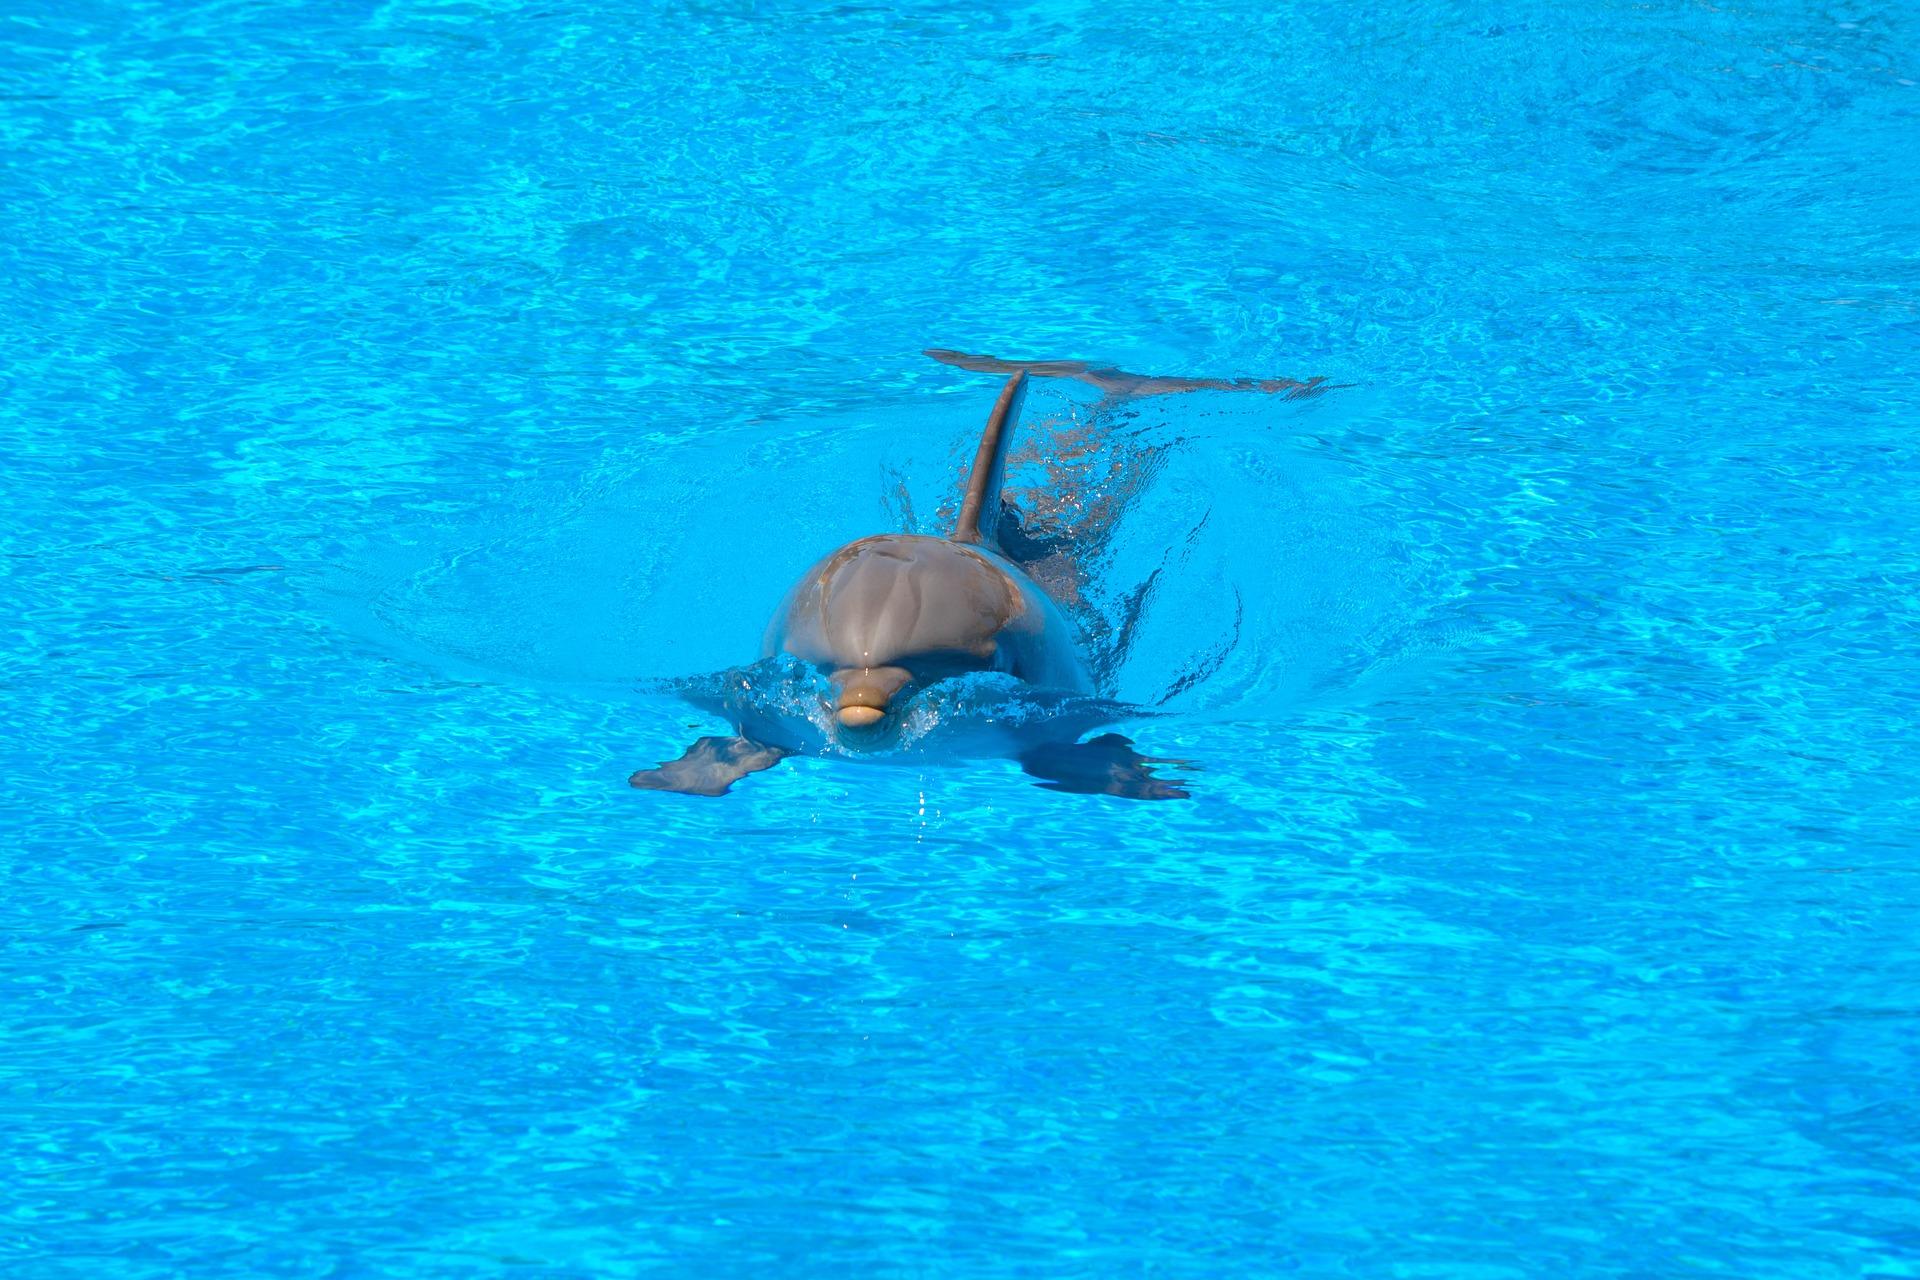 海豚, 游泳池, 水, 游泳, 蓝色 - 高清壁纸 - 教授-falken.com